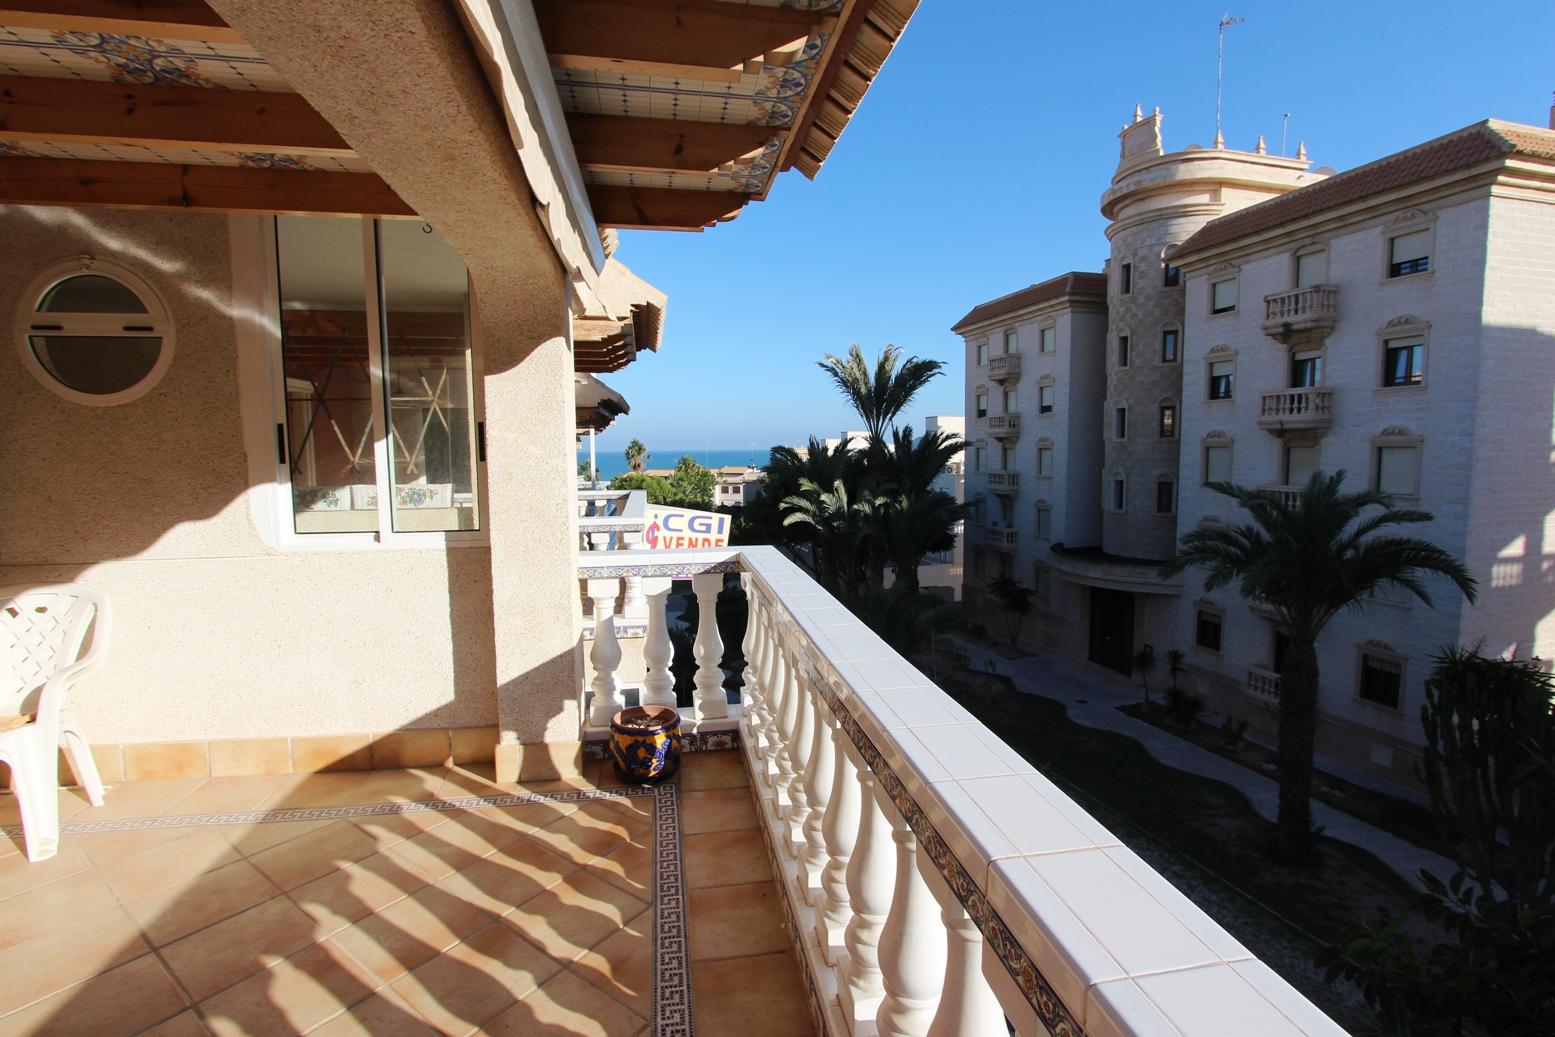 For sale: 3 bedroom bungalow in Guardamar del Segura, Costa Blanca